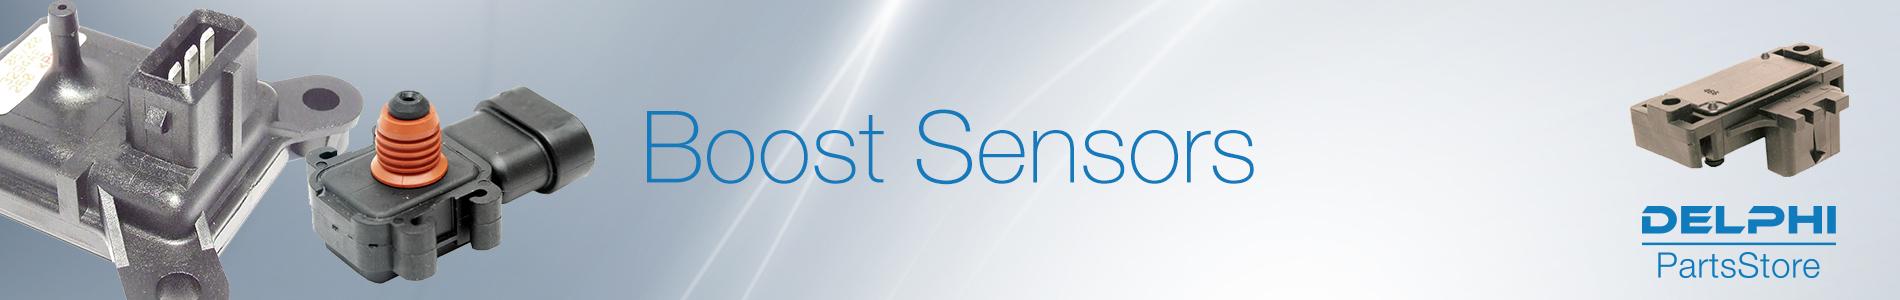 Boost Sensors